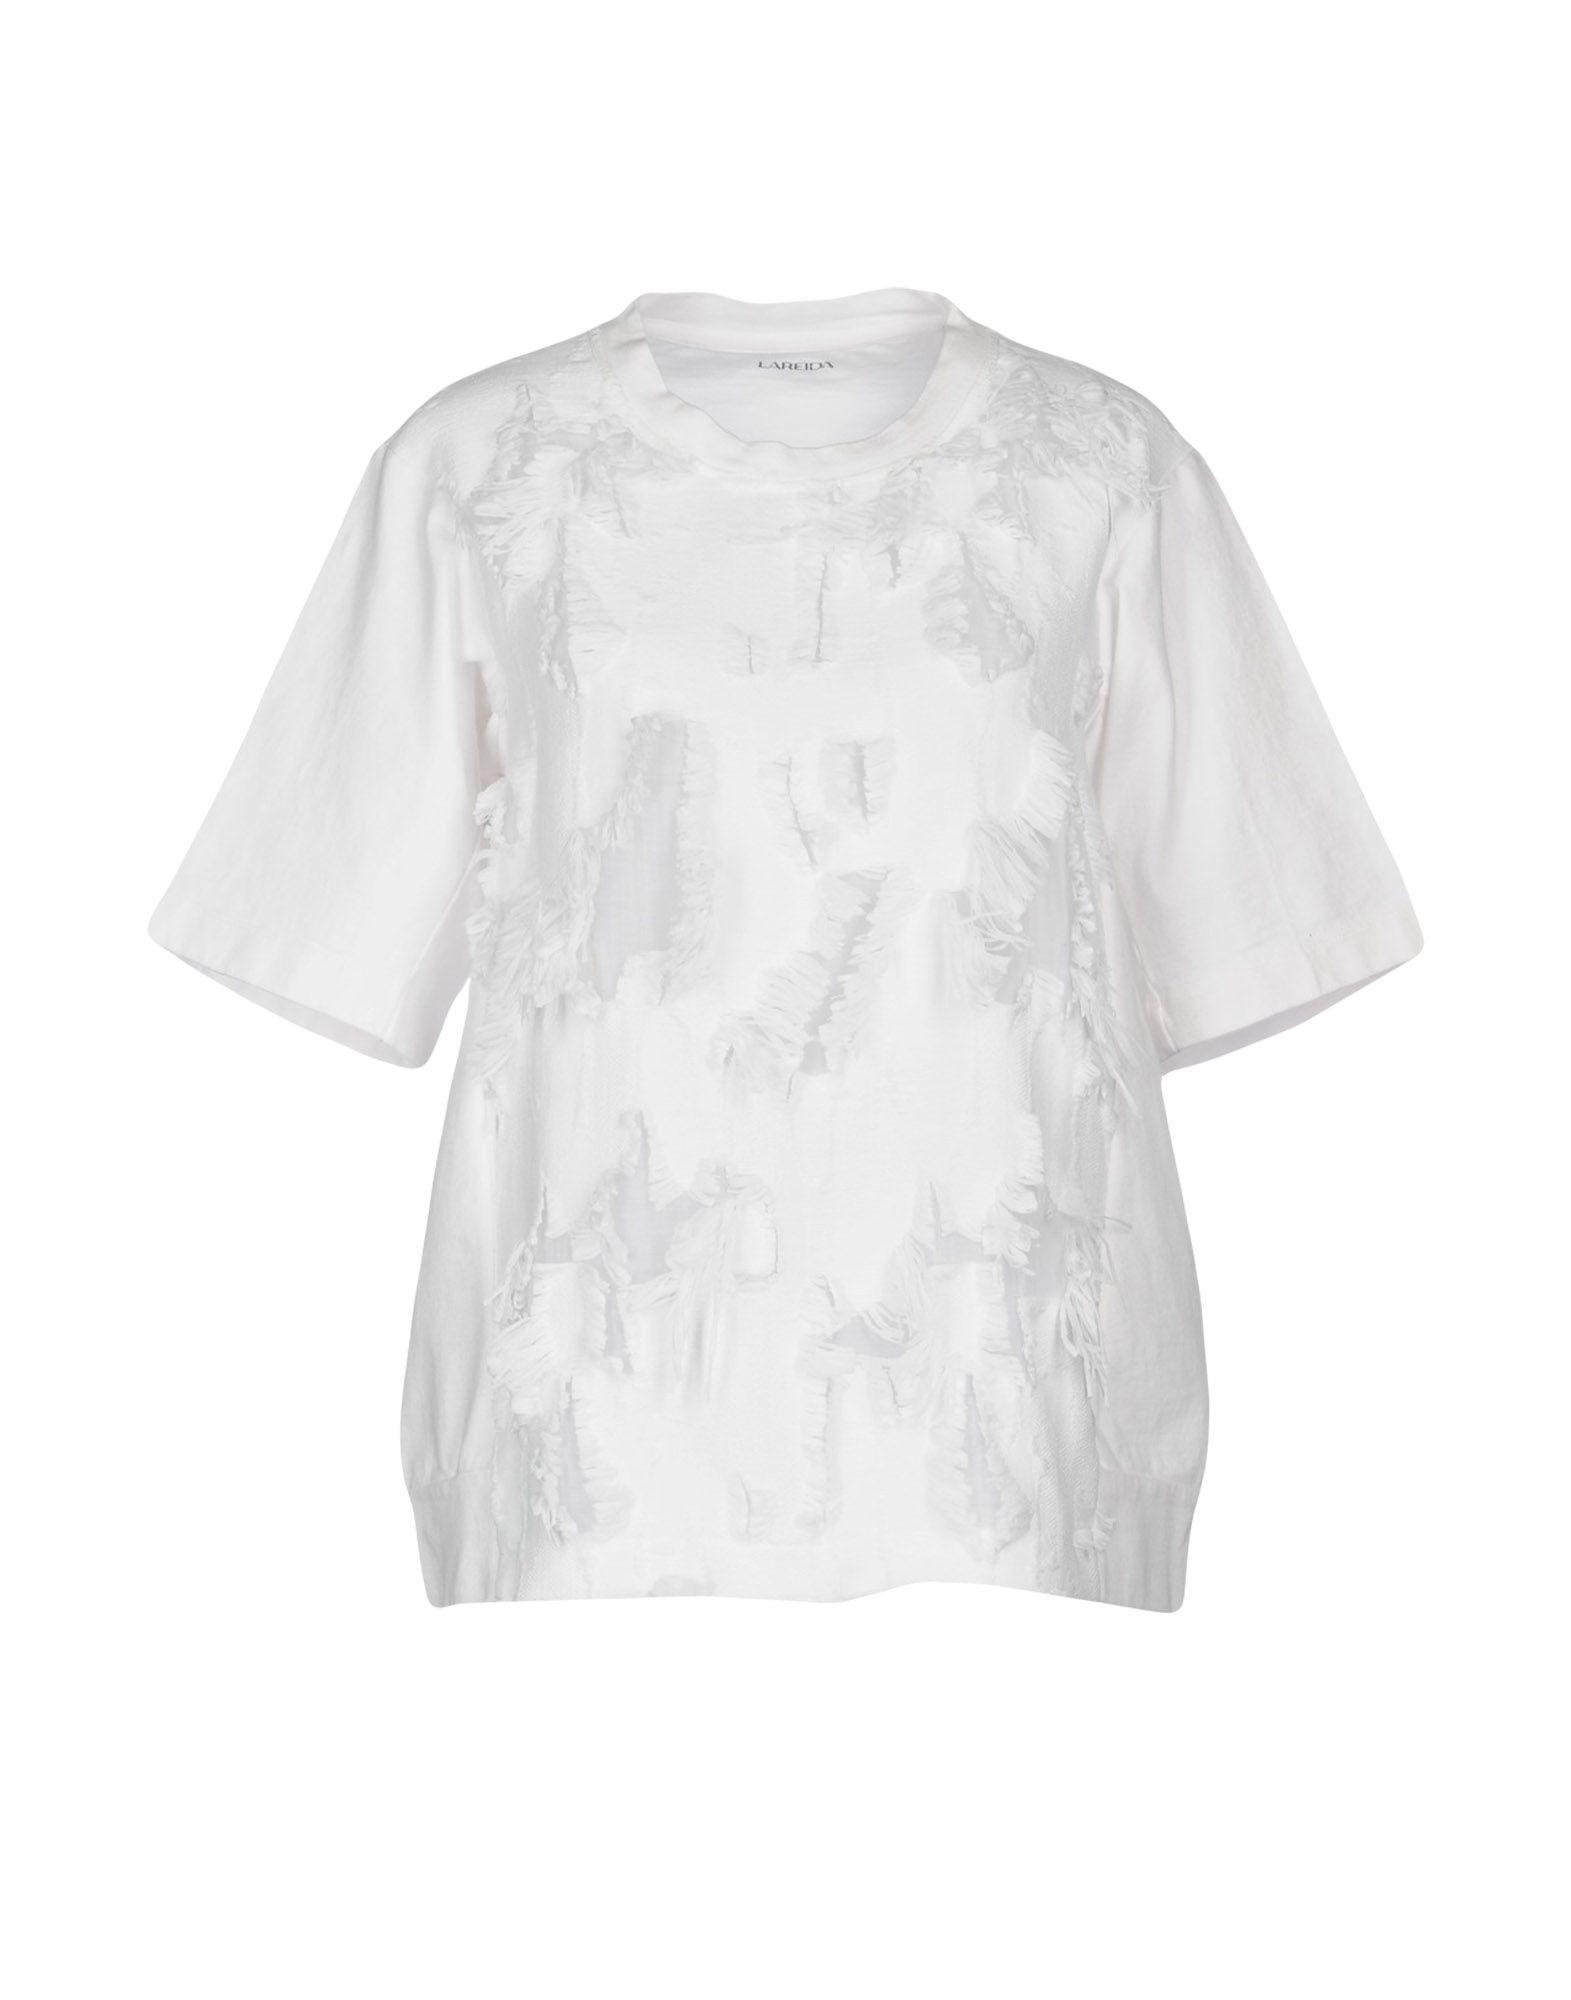 LAREIDA Sweatshirt in White